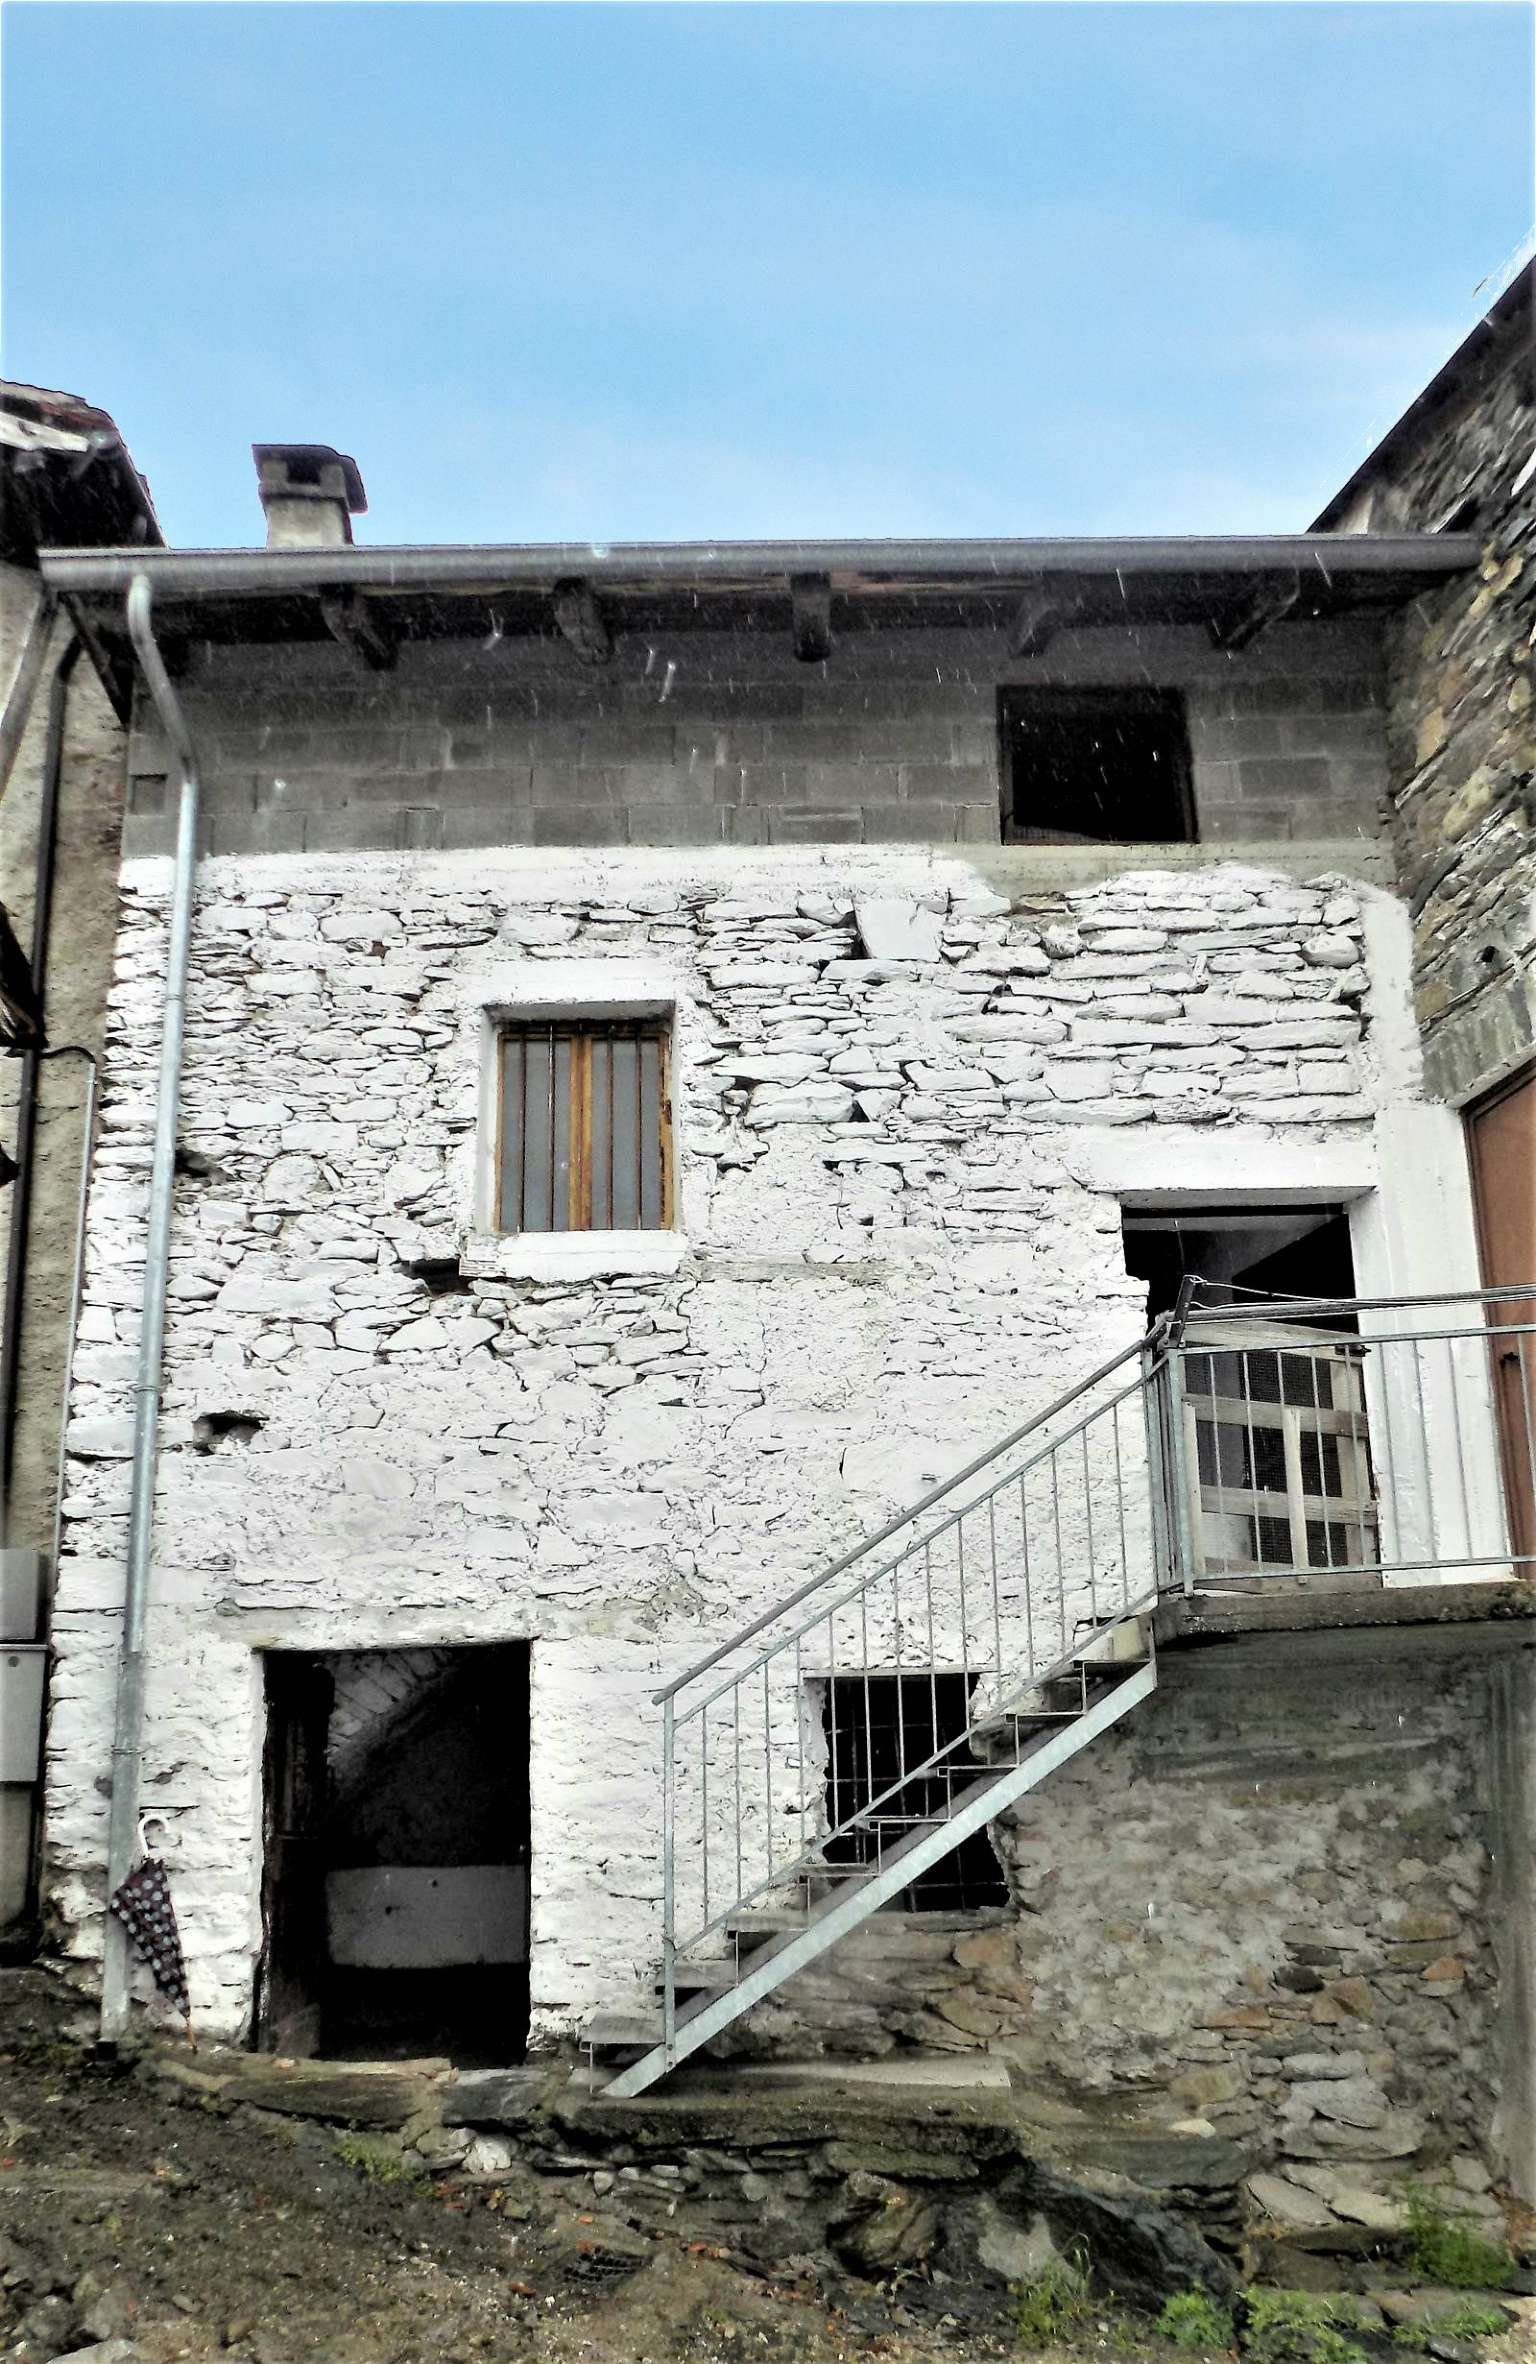 Foto 1 di Casa indipendente borgata ganduglia, Mompantero